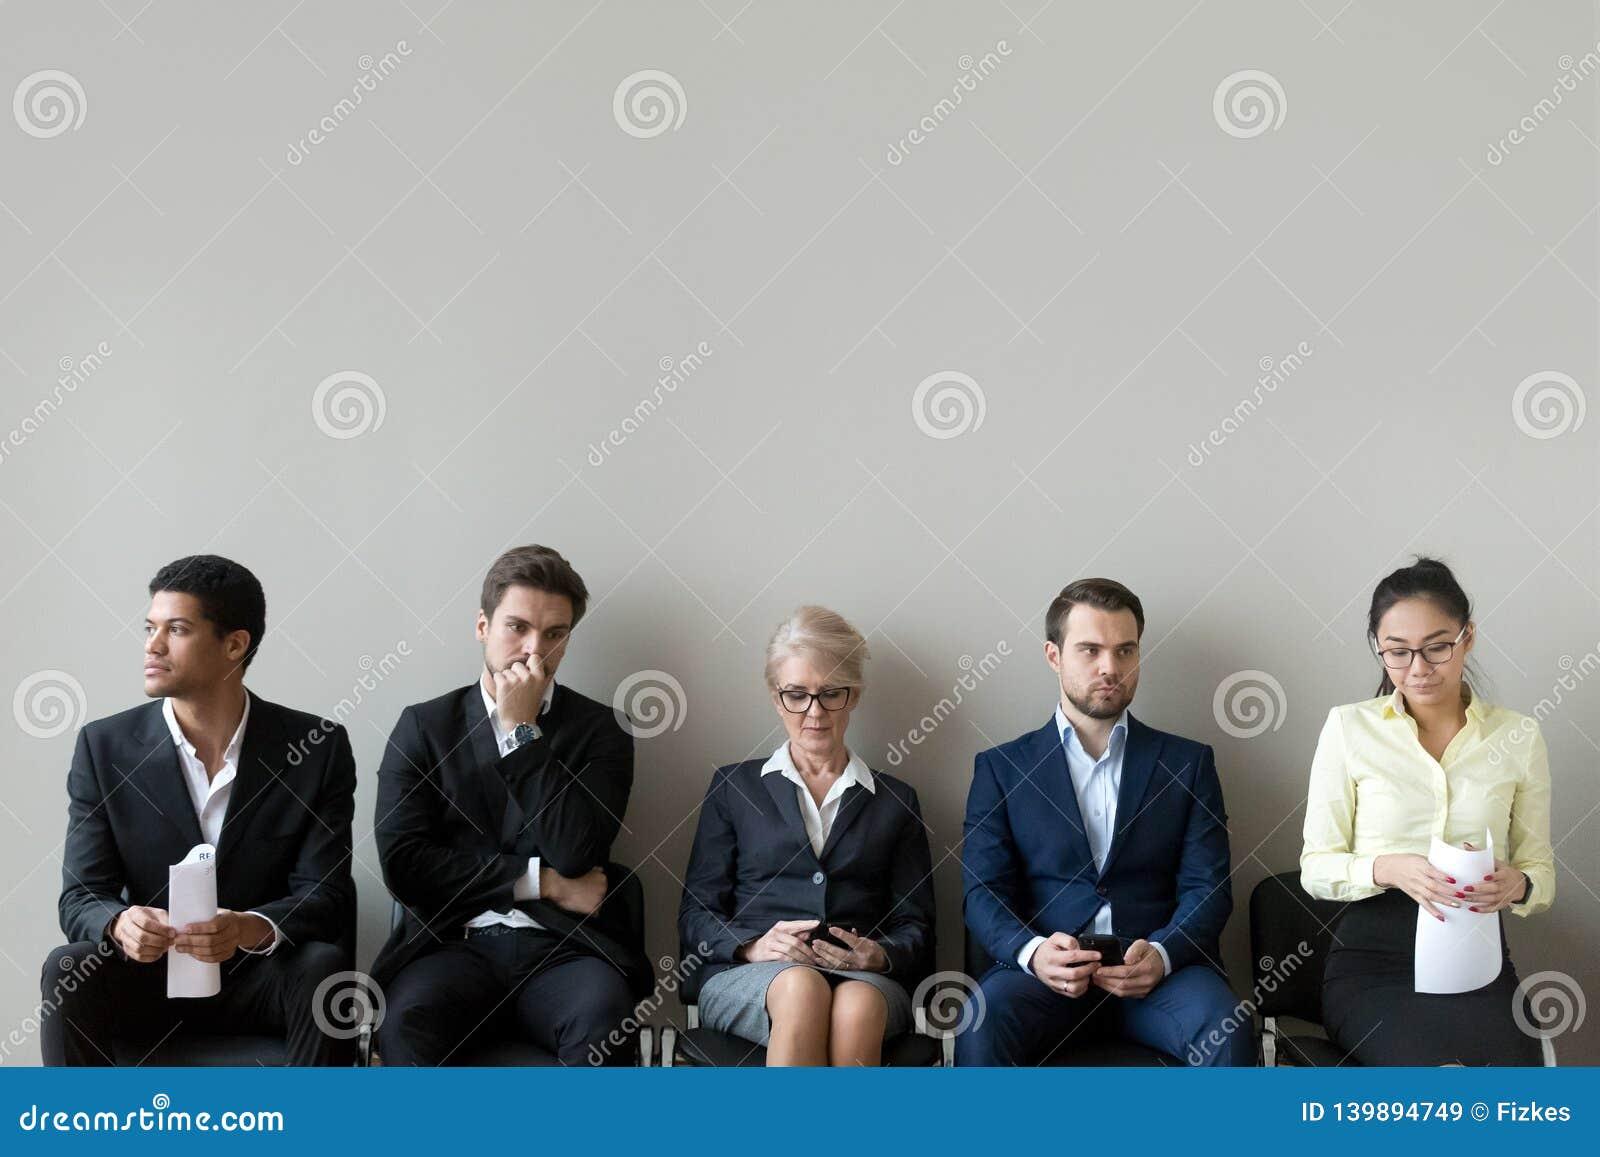 Etniczne wnioskodawcy siedzi w rząd kolejce wykładają narządzanie dla wywiadu